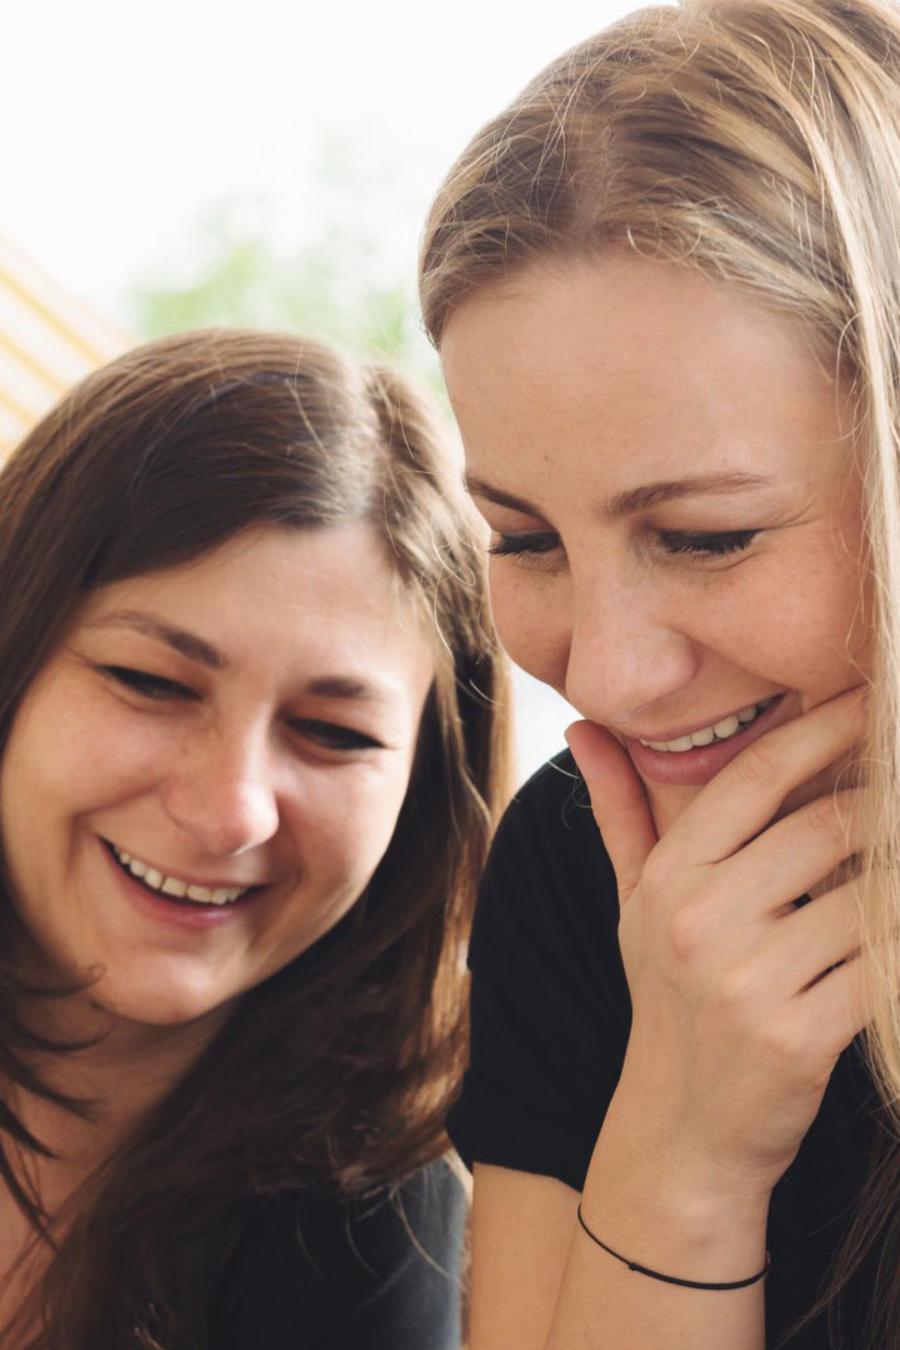 Hermanas sonriendo